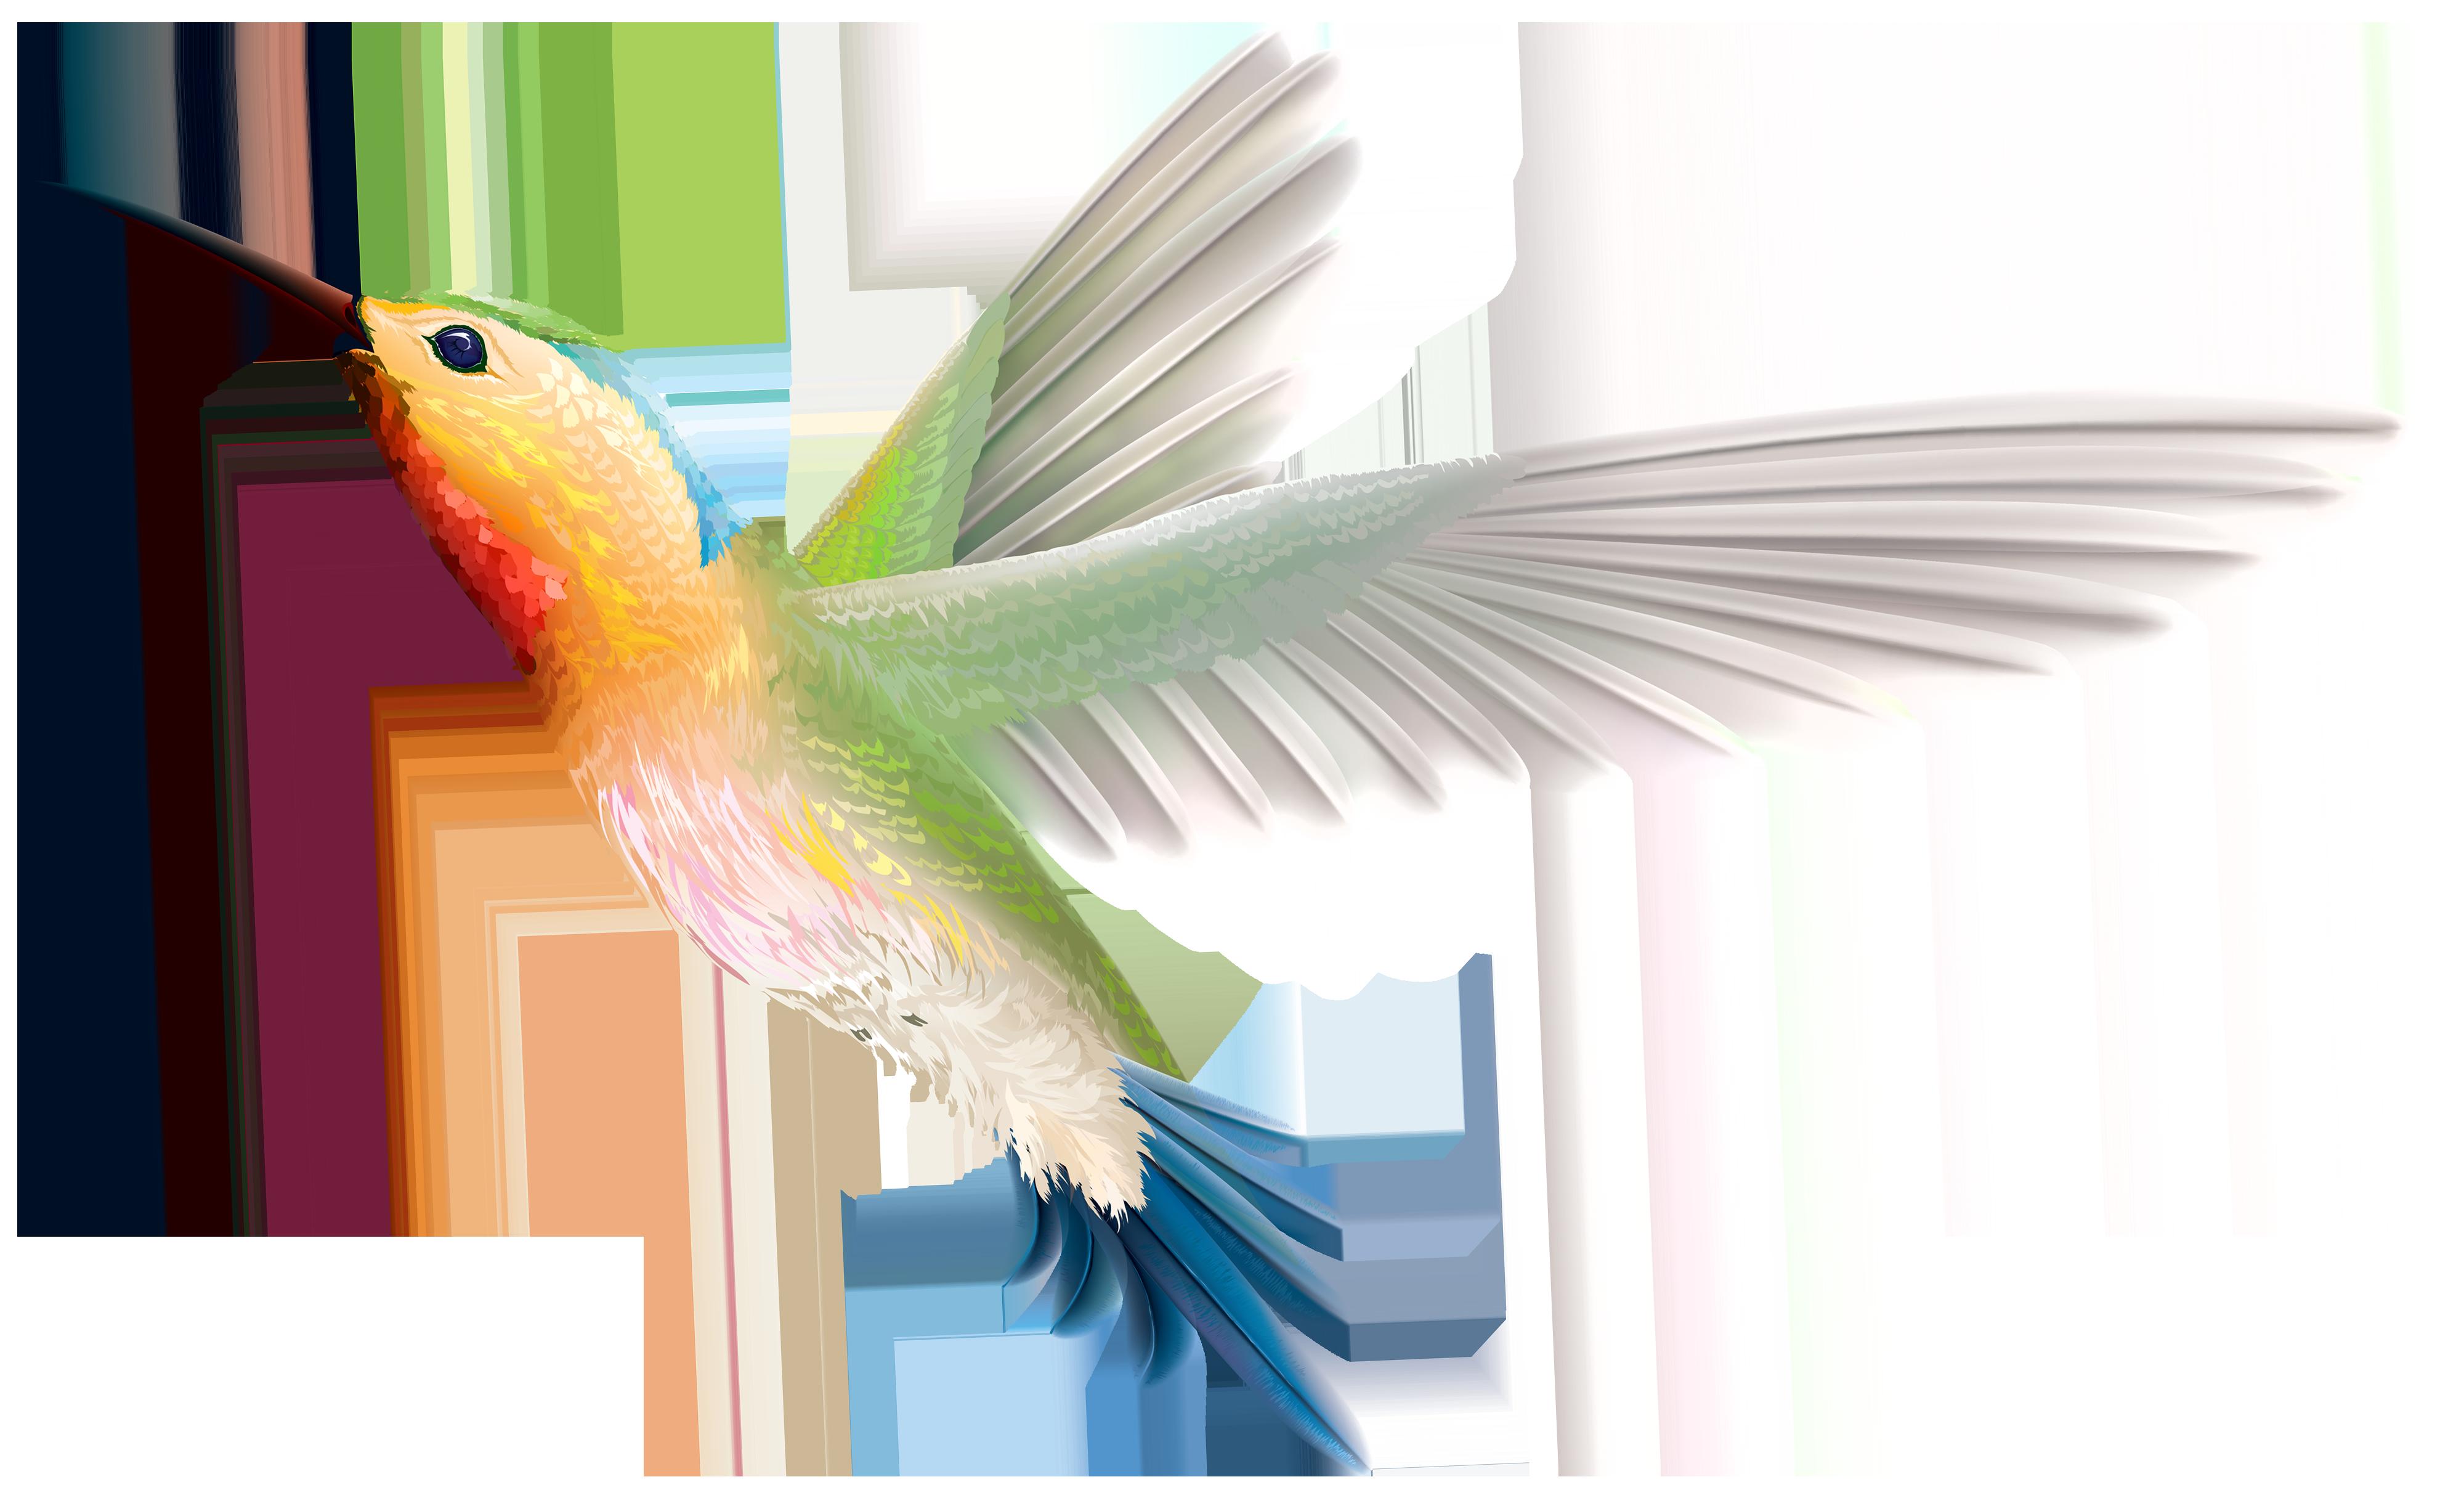 Hummingbird clipartix animals pinterest. Dictionary clipart web